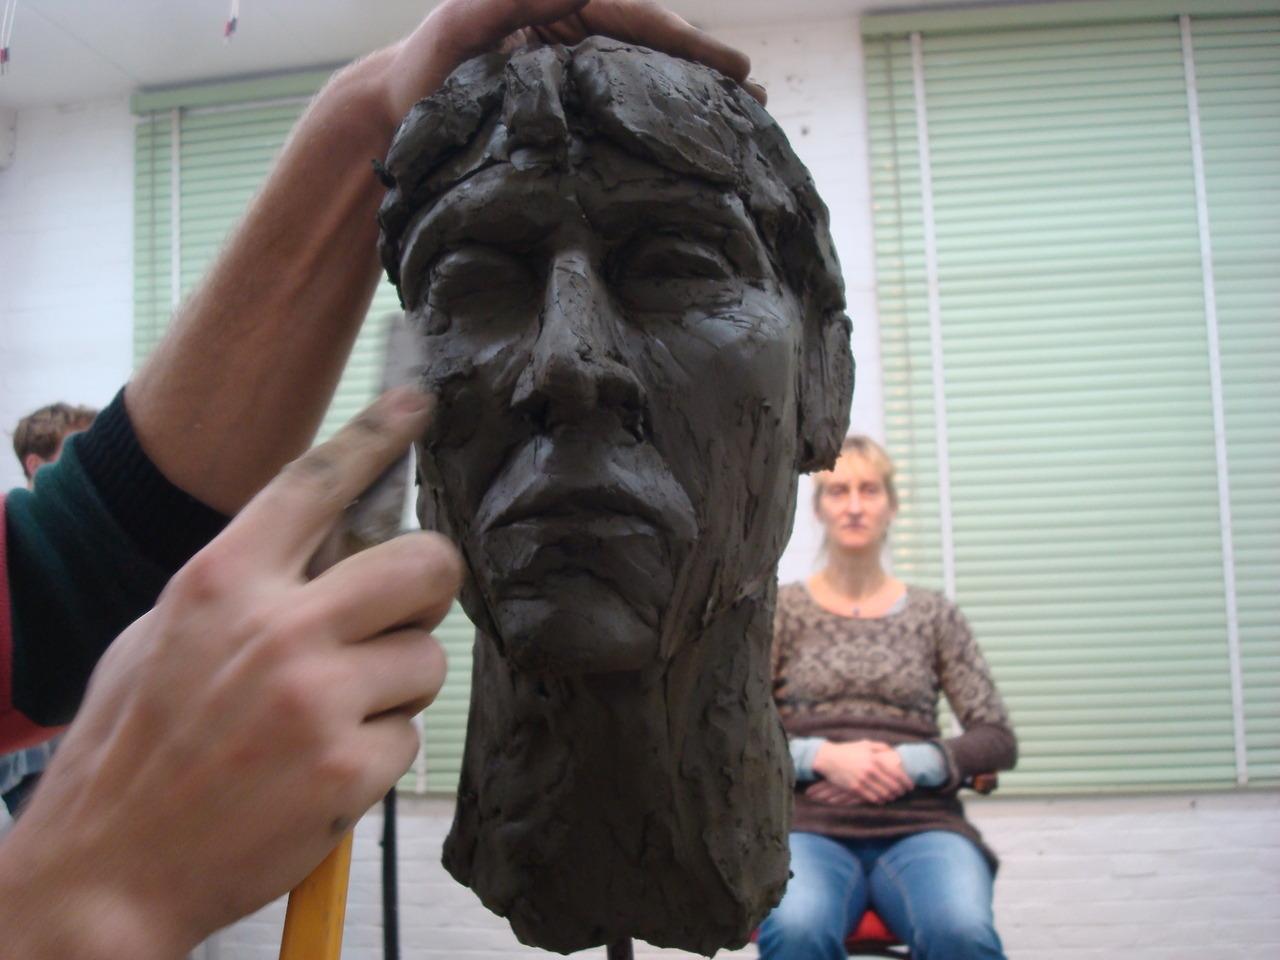 kunstleertilburg:  Portretboetseren, de eerste van een serie van drie